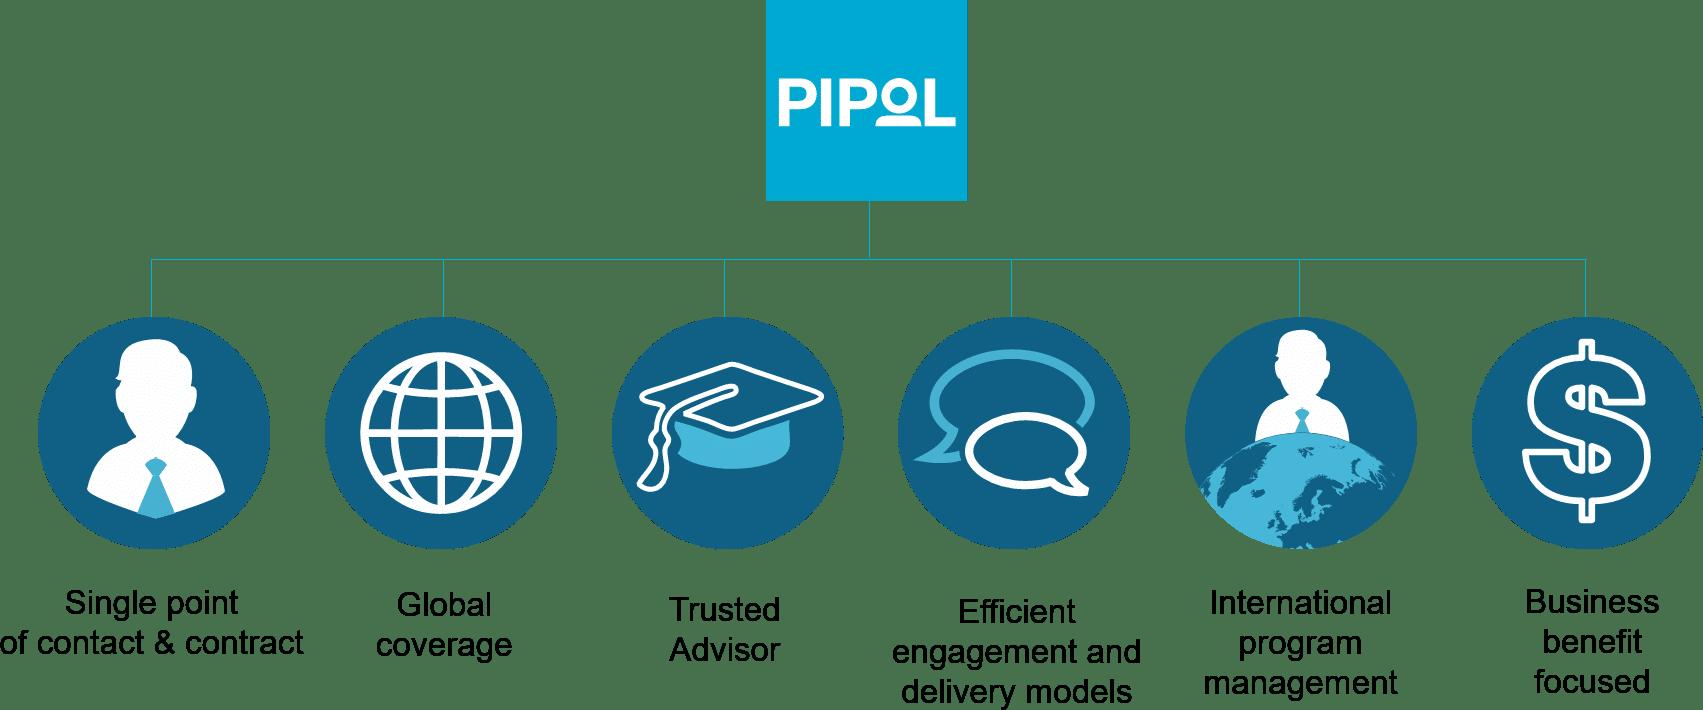 Unique benefits | GMI group & Pipol